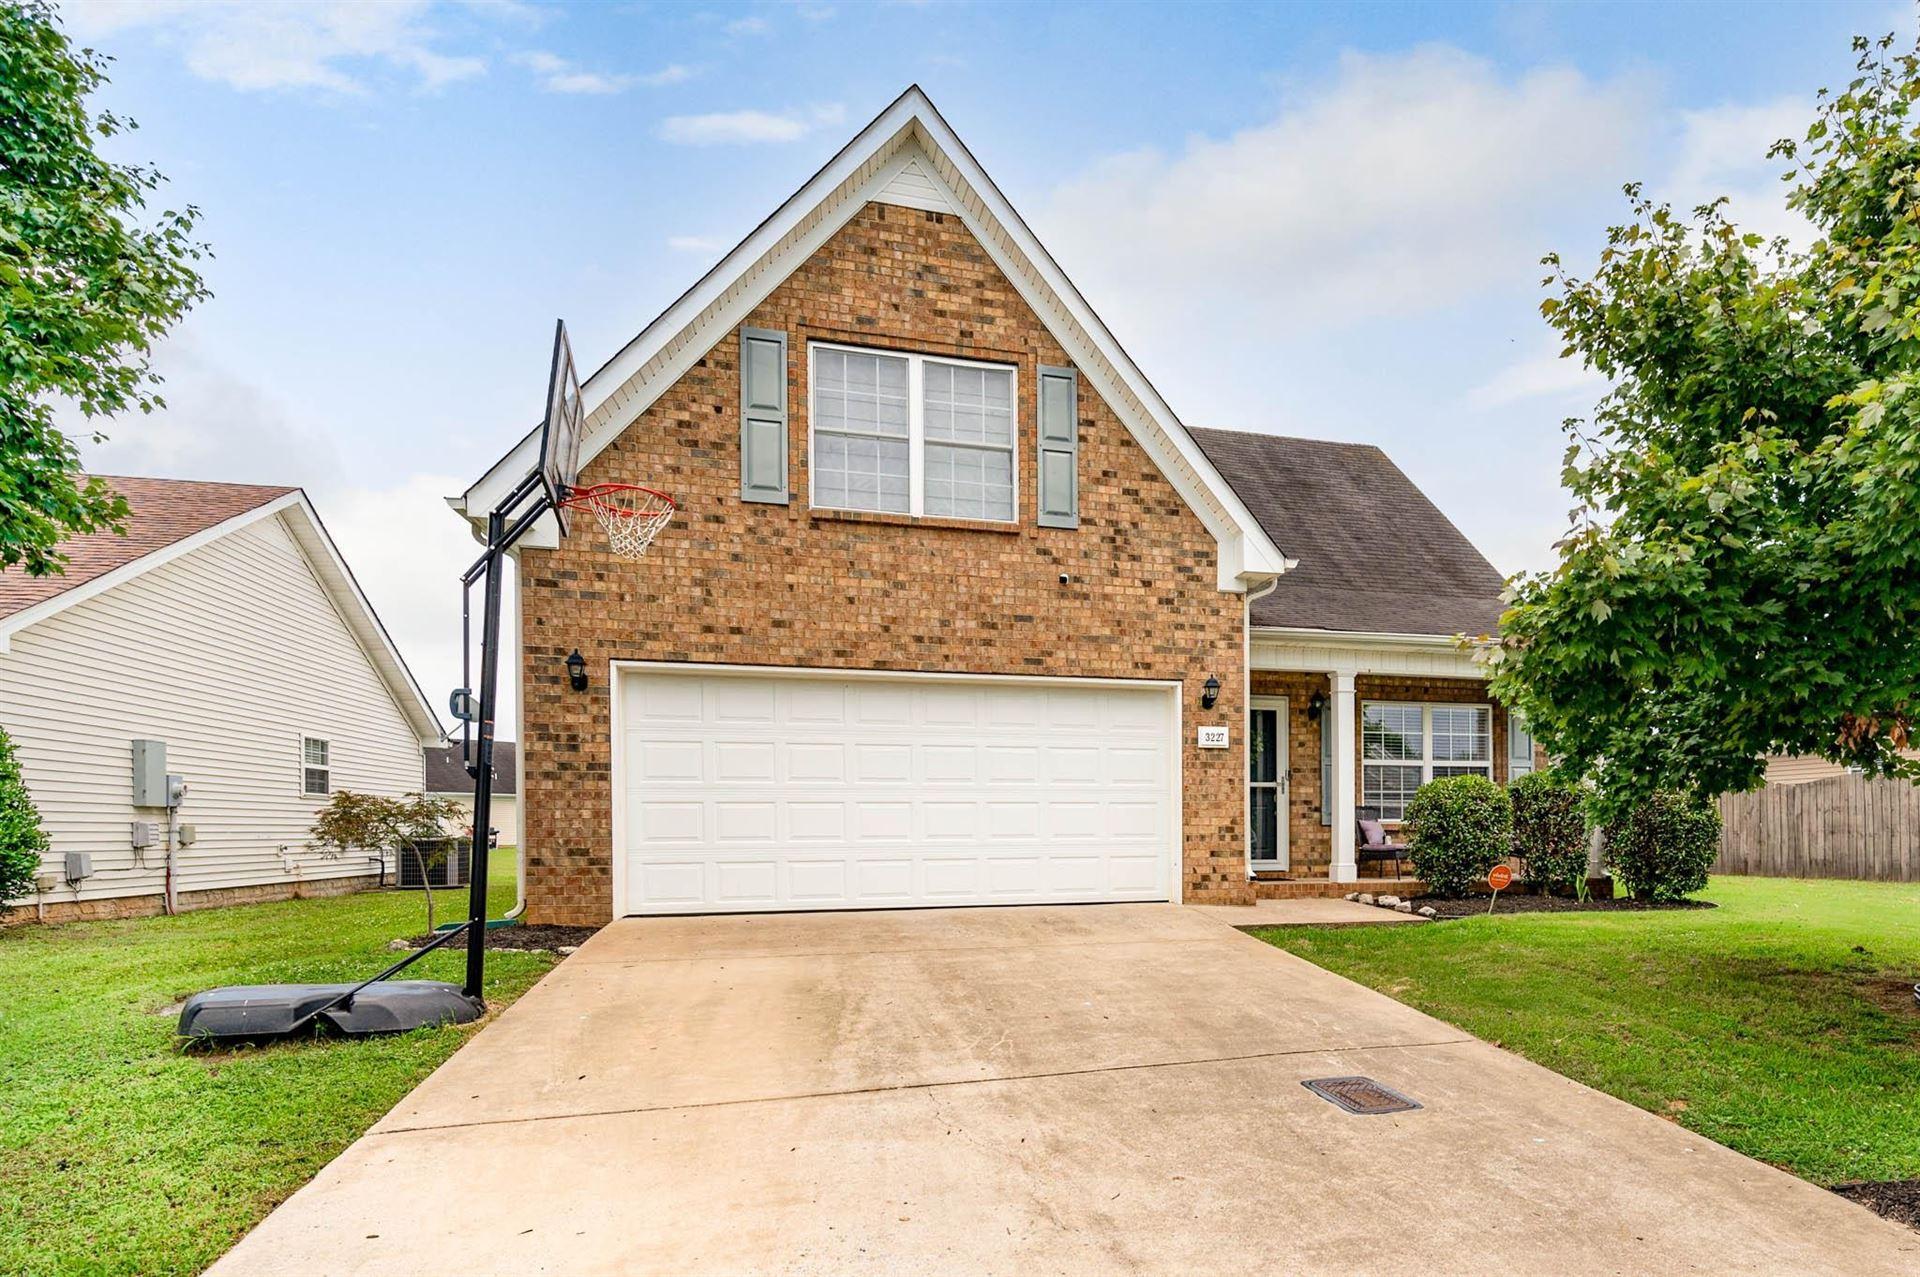 3227 Oneida Court, Murfreesboro, TN 37128 - MLS#: 2276487